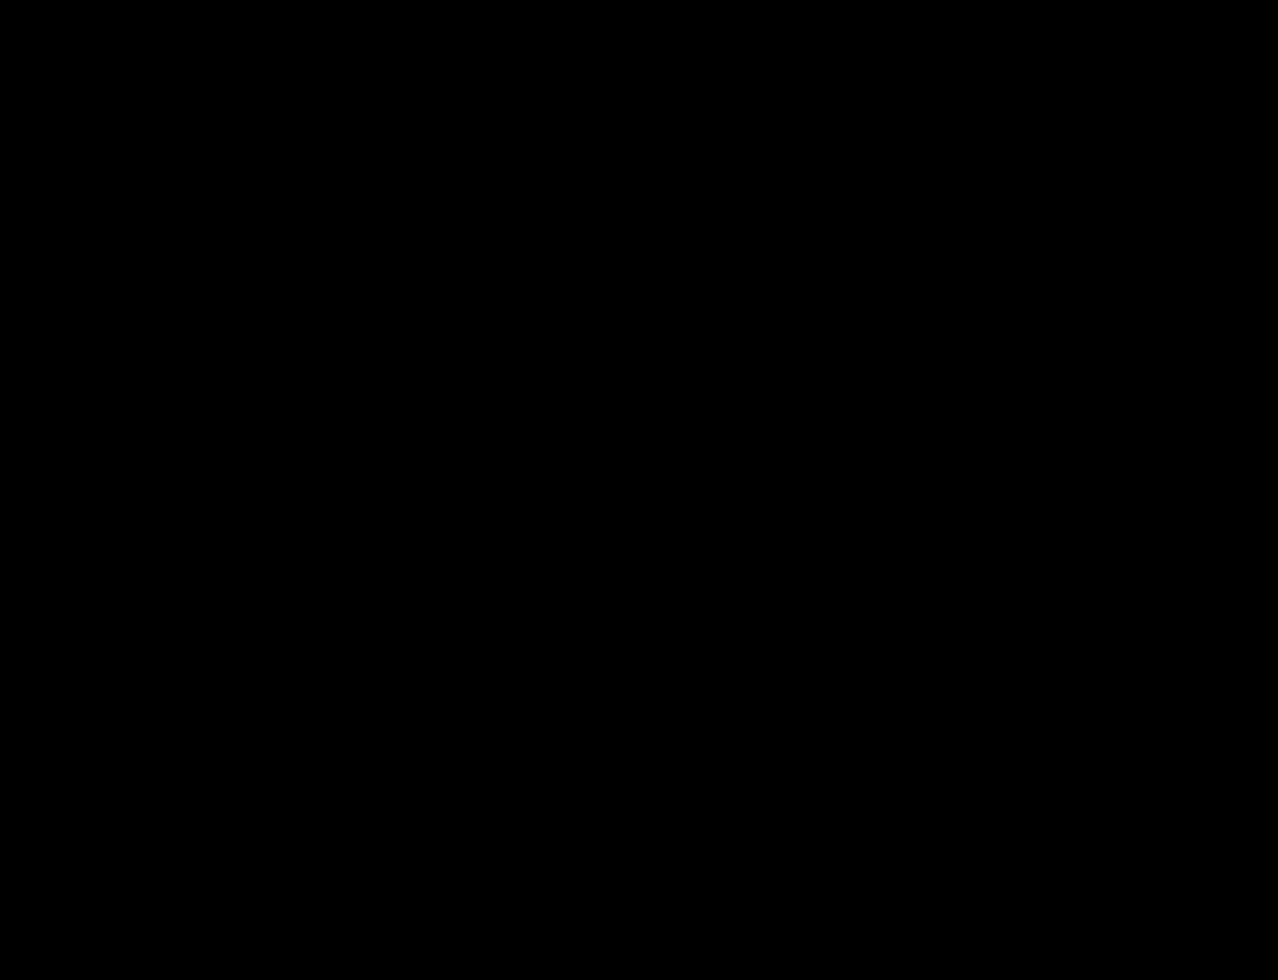 equestre png